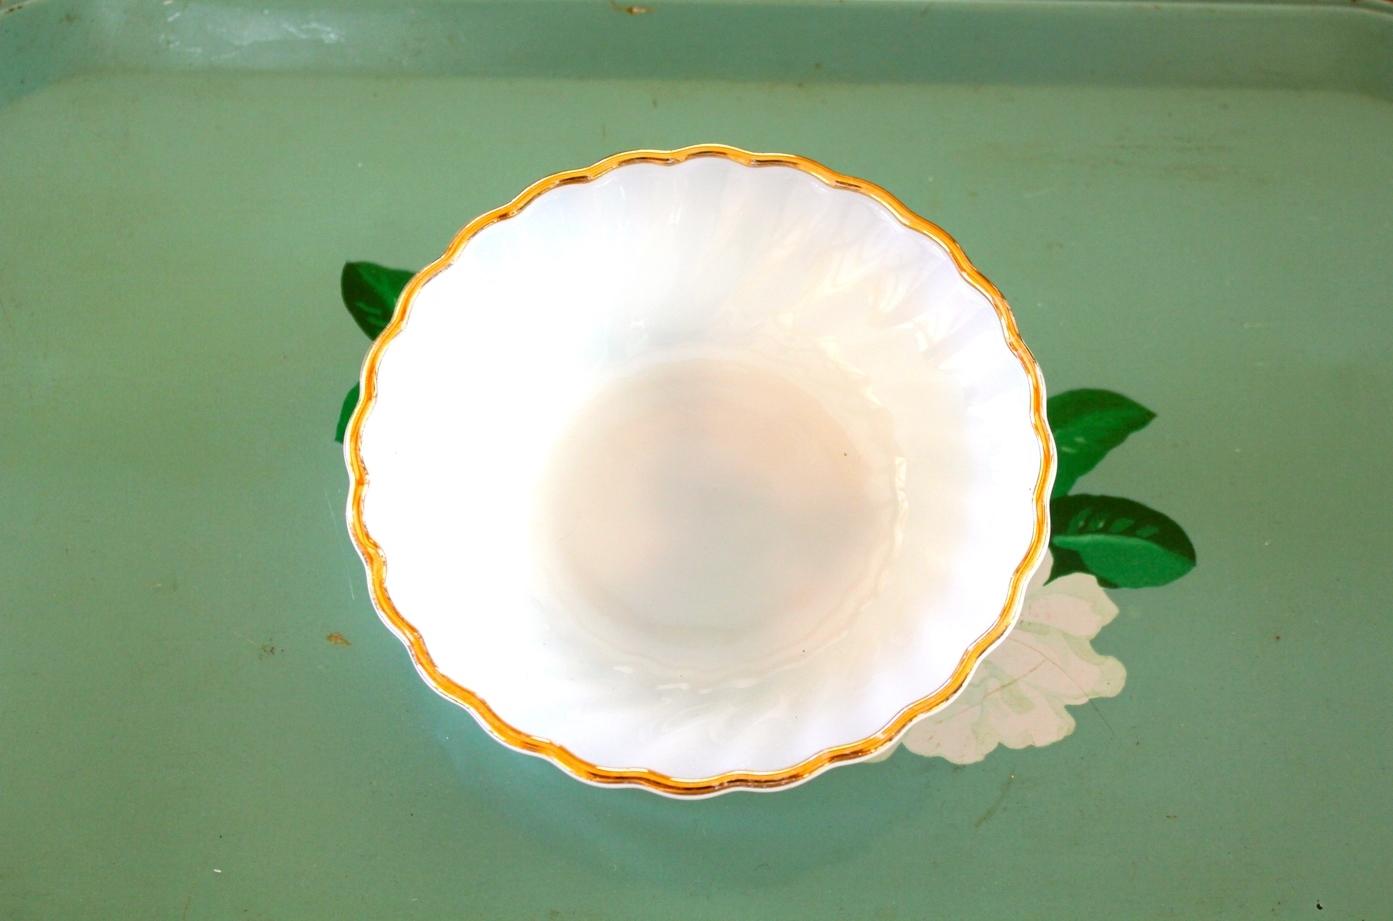 Small Milk Glass Bowls